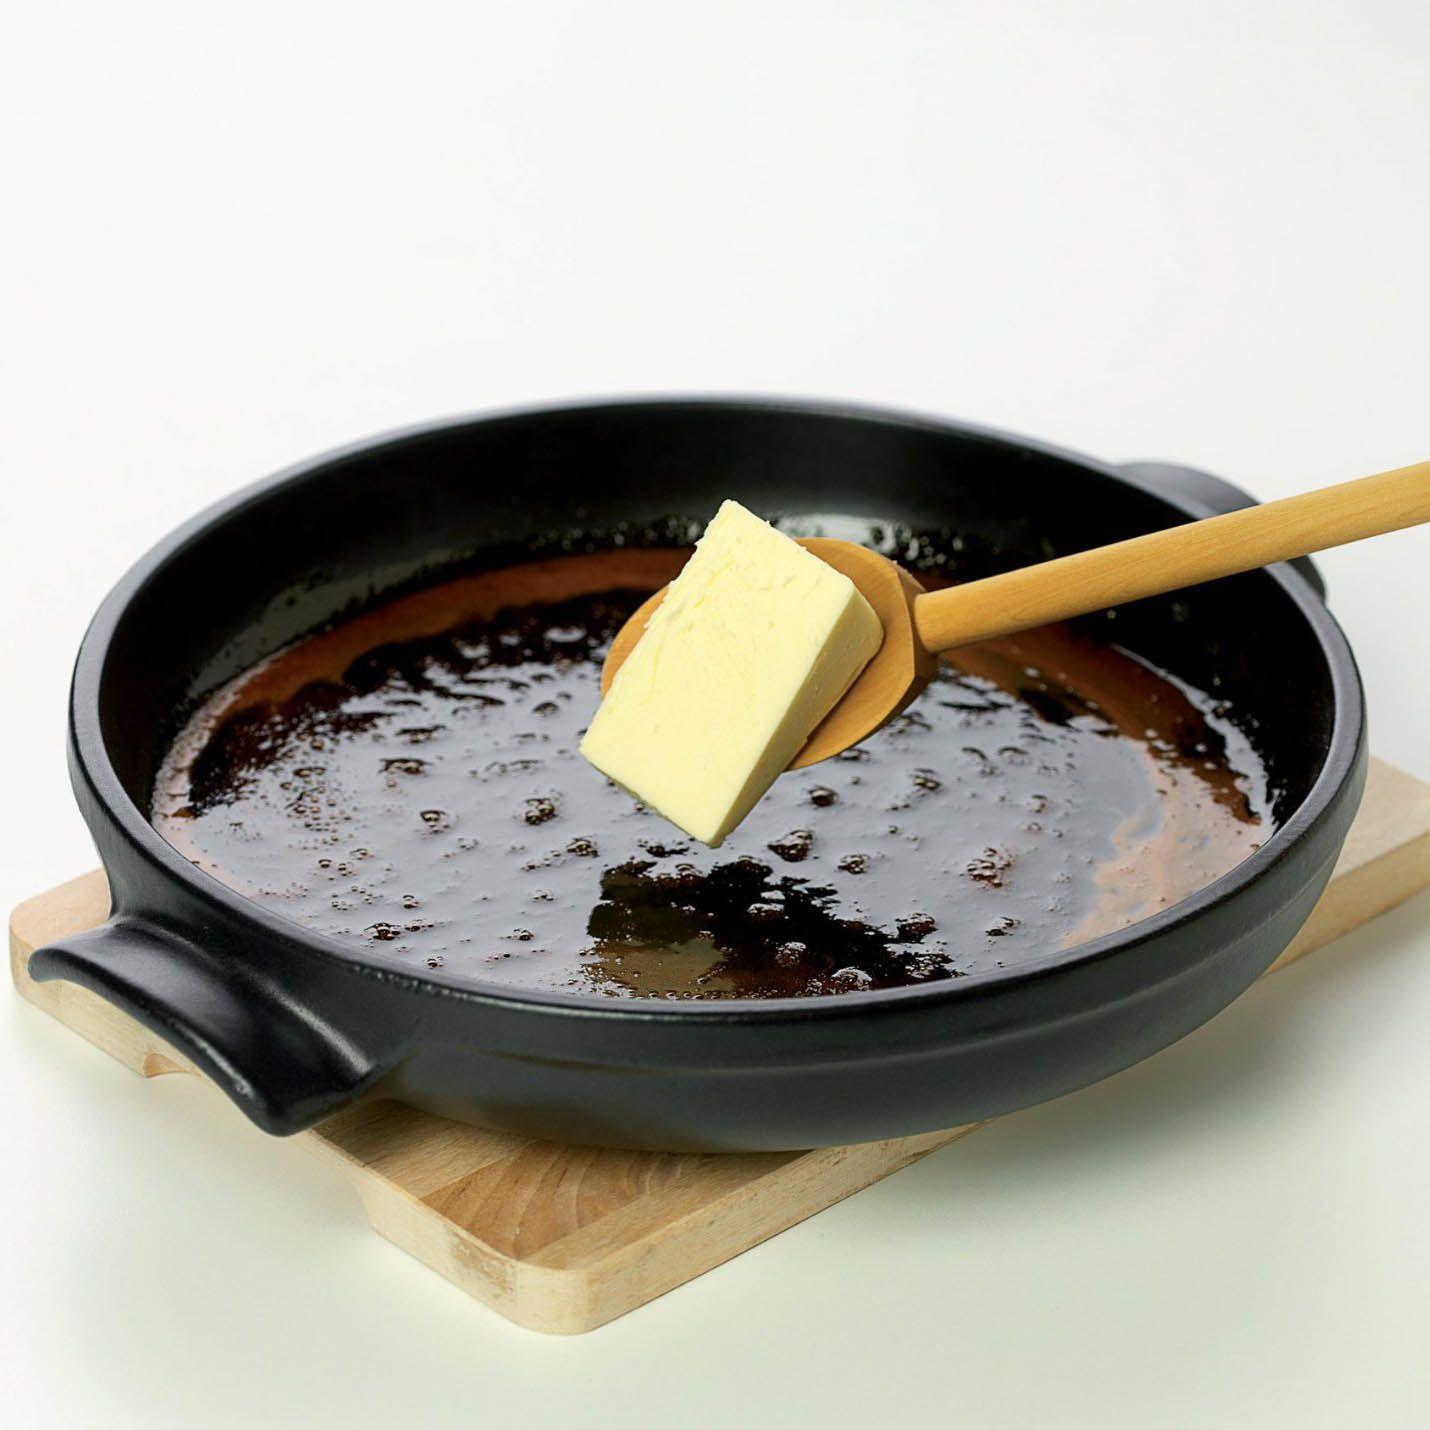 Форма керамическая Emile Henry Flame Noir 30 см для Tarte Tatin с сервировочным блюдом